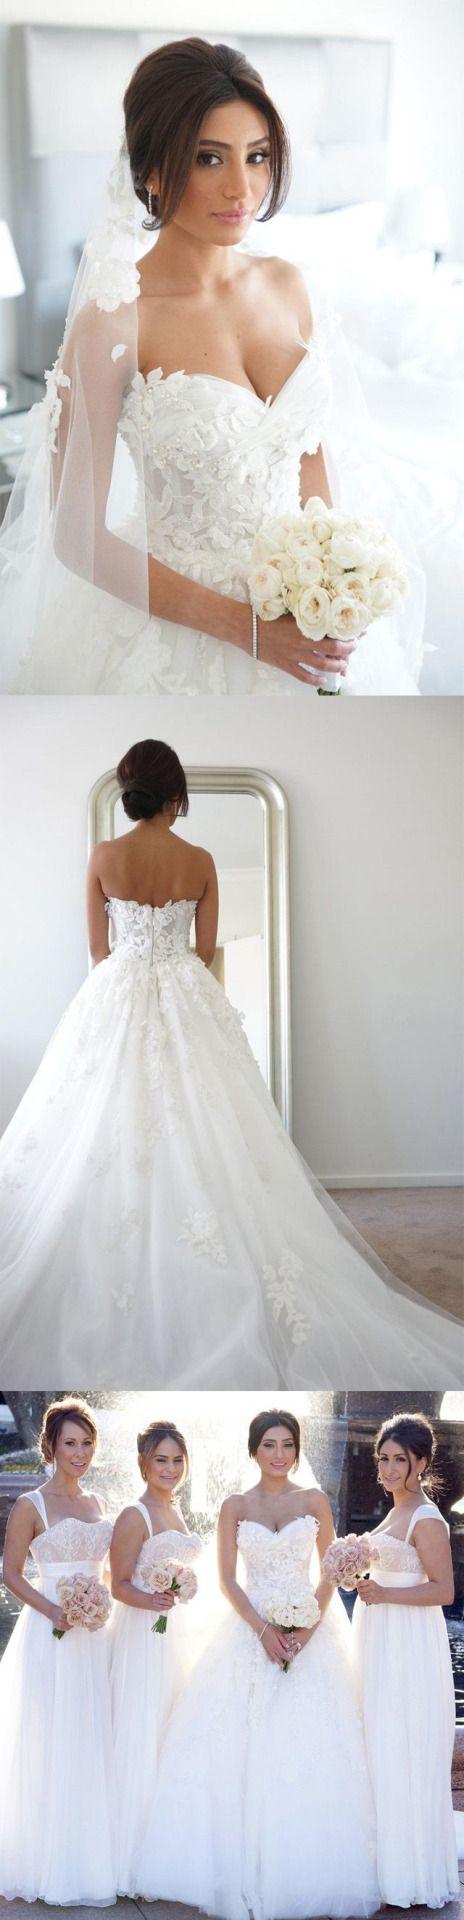 Wedding Dresses Paradise : Photo